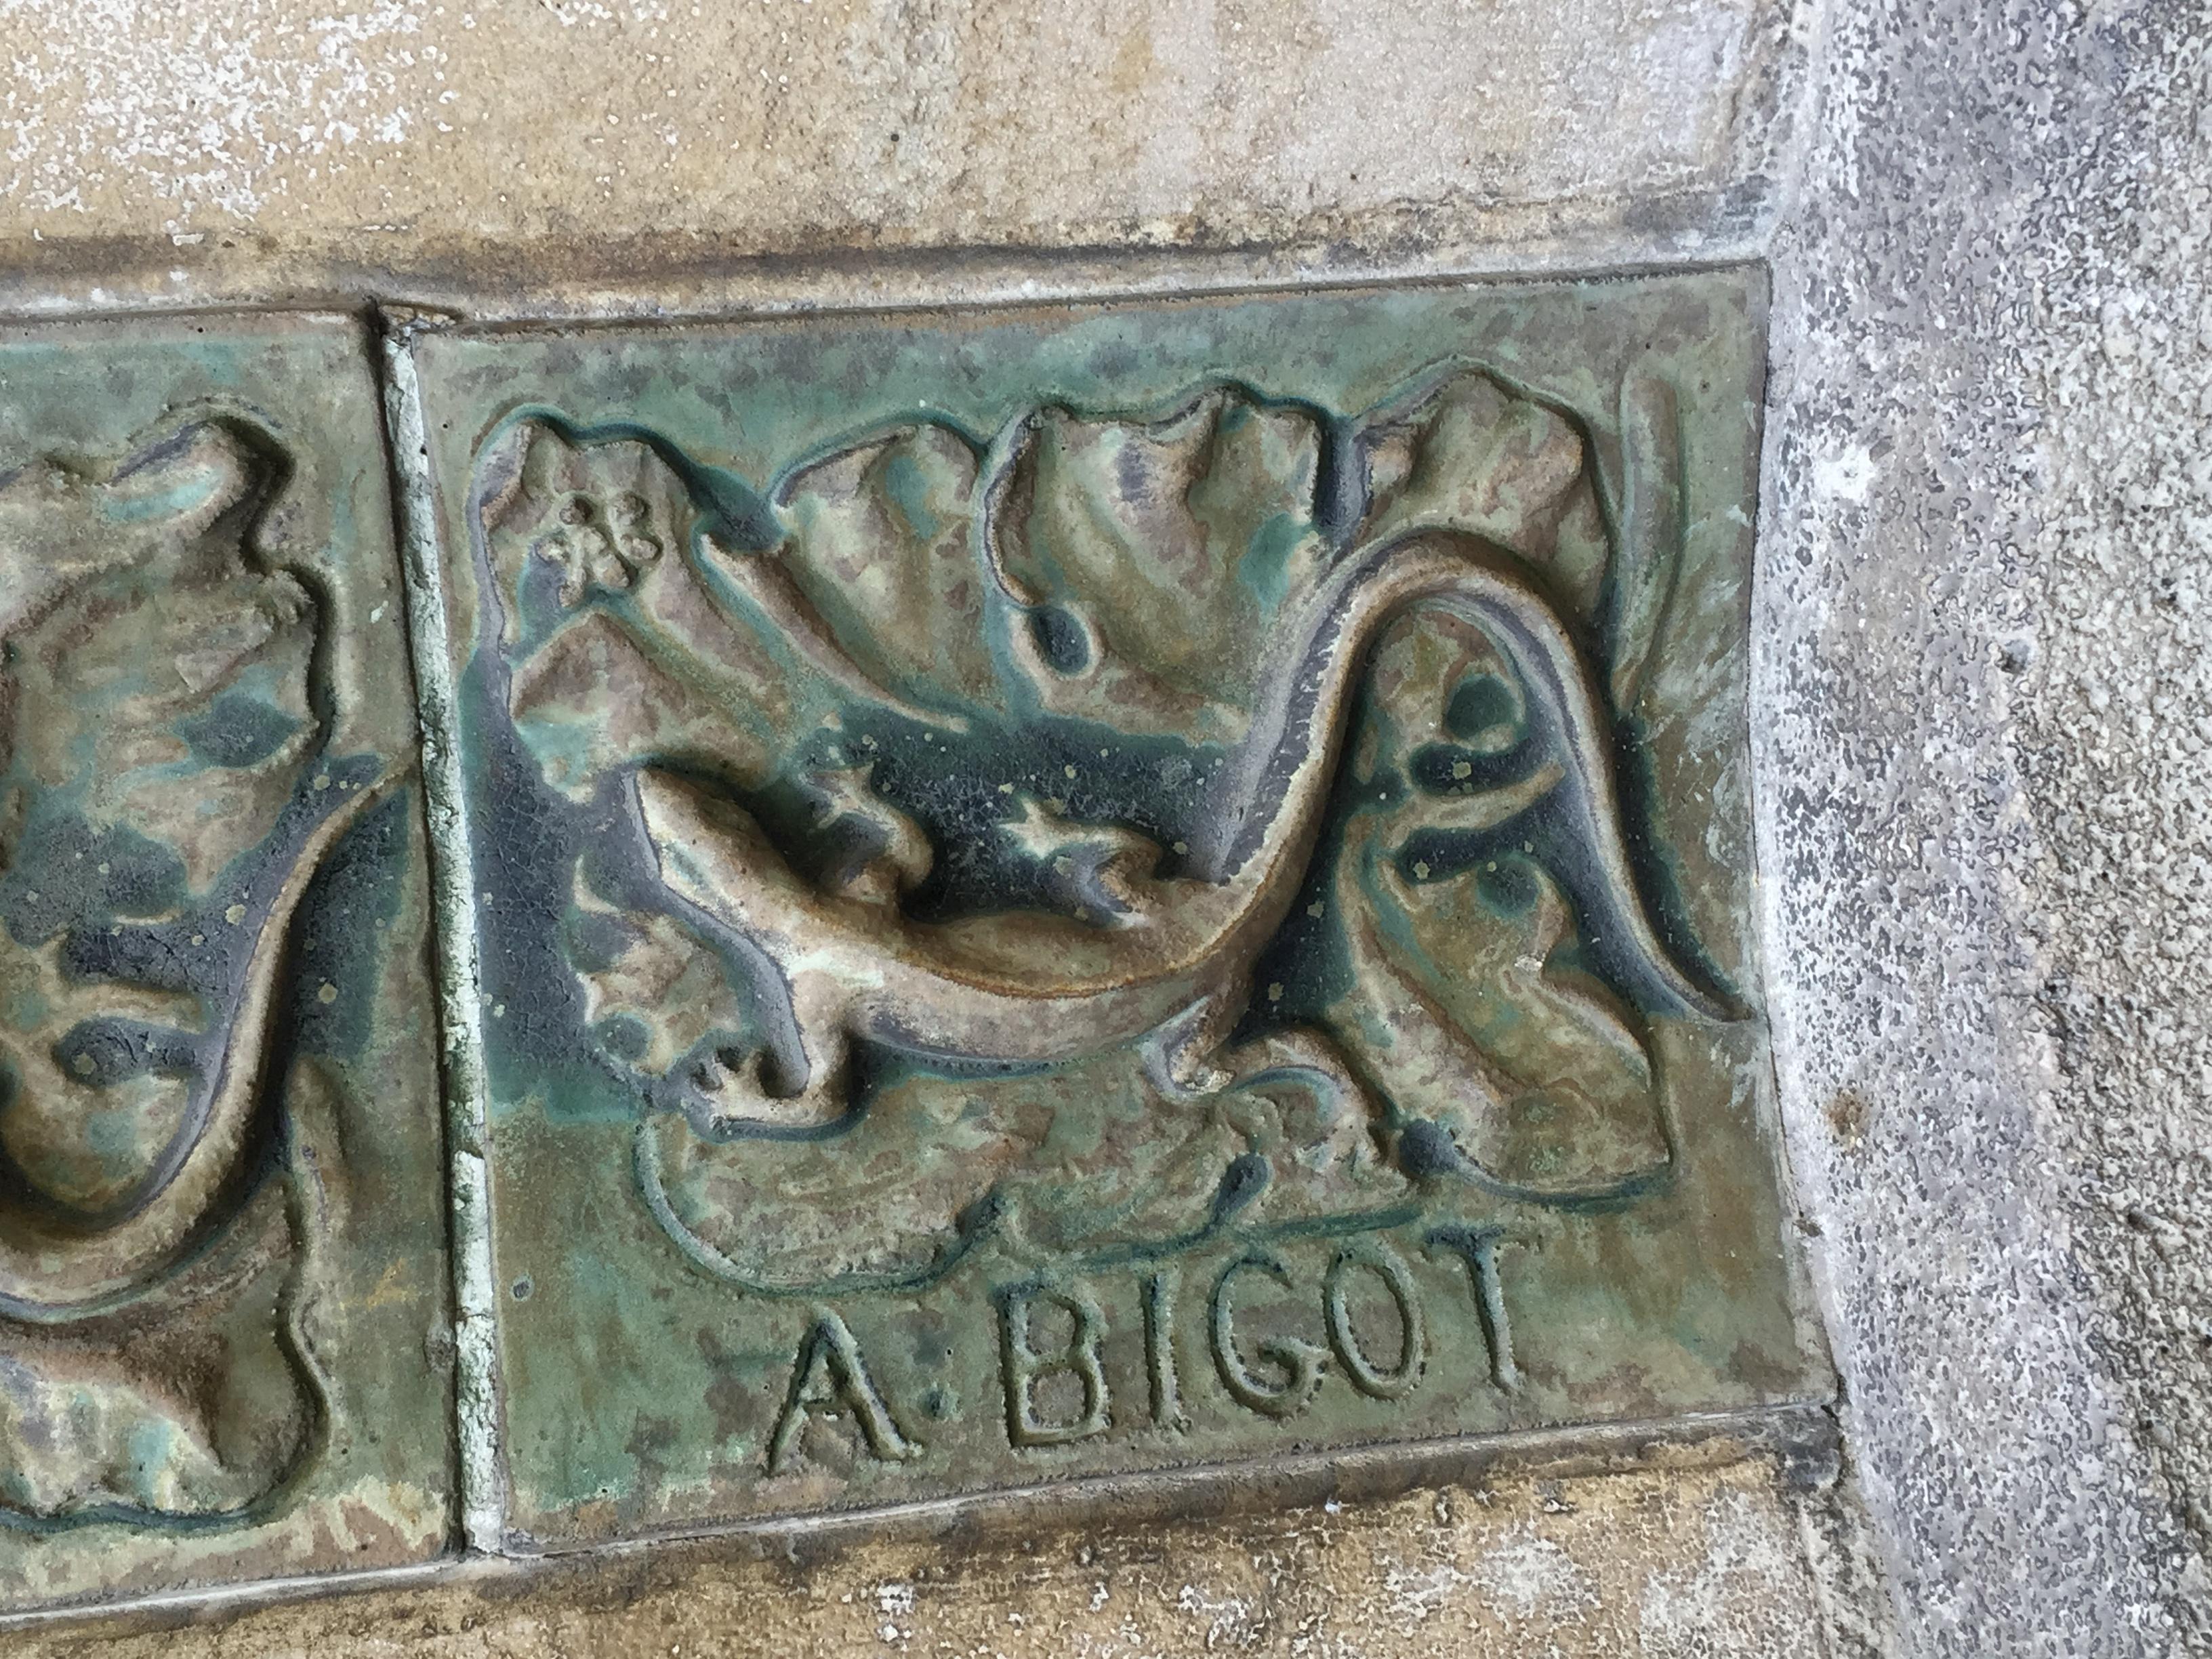 File:Alexandre Bigot ceramic tile detail - 2.jpg - Wikimedia Commons